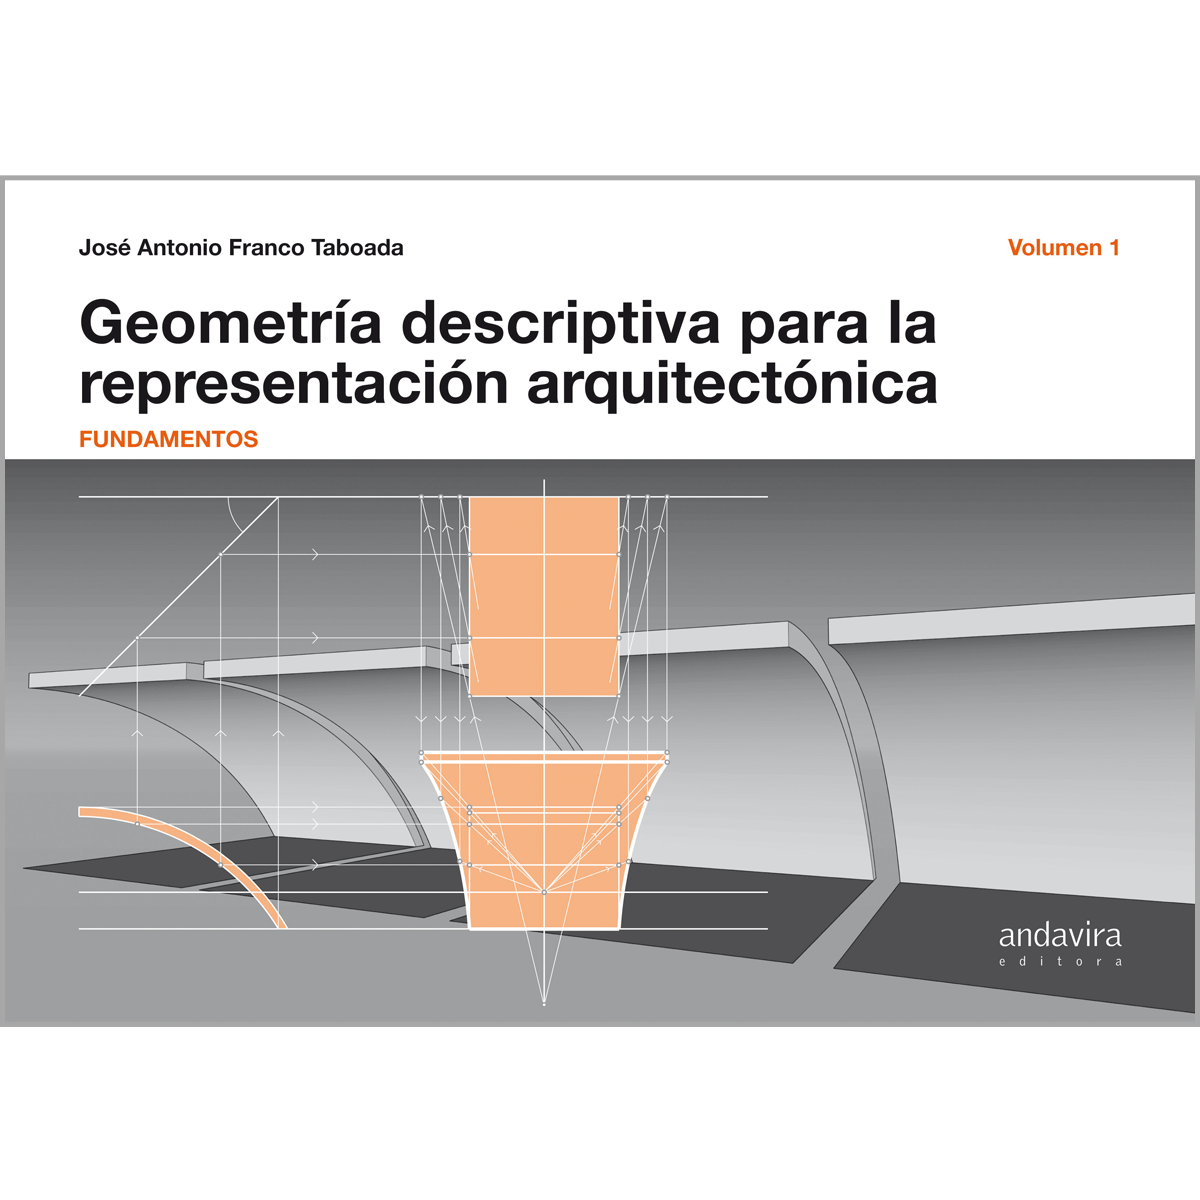 Geometría descriptiva para la representación arquitectónica